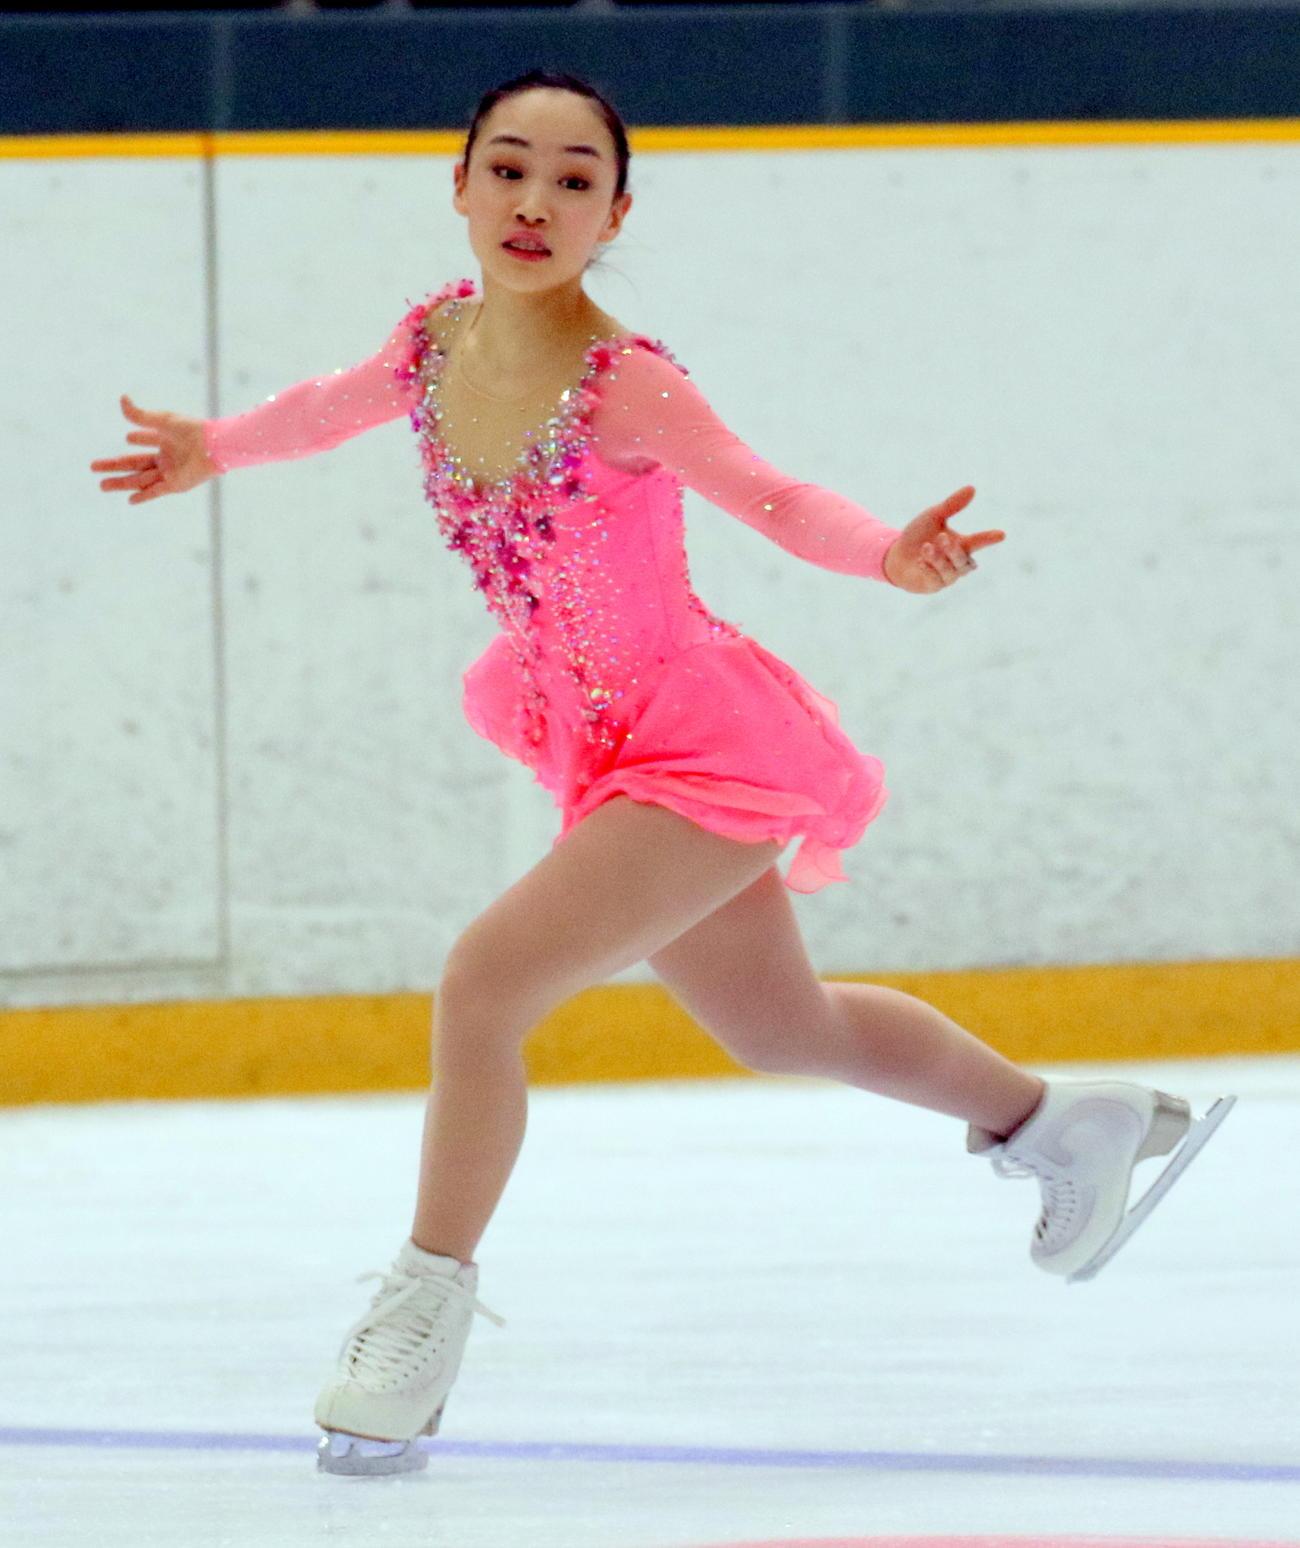 全国高校スケート選手権フィギュア競技 女子決勝(フリー)でSP2位から逆転し、インターハイ初出場初制覇を遂げた中京大中京1年の松生理乃(撮影・木下淳)